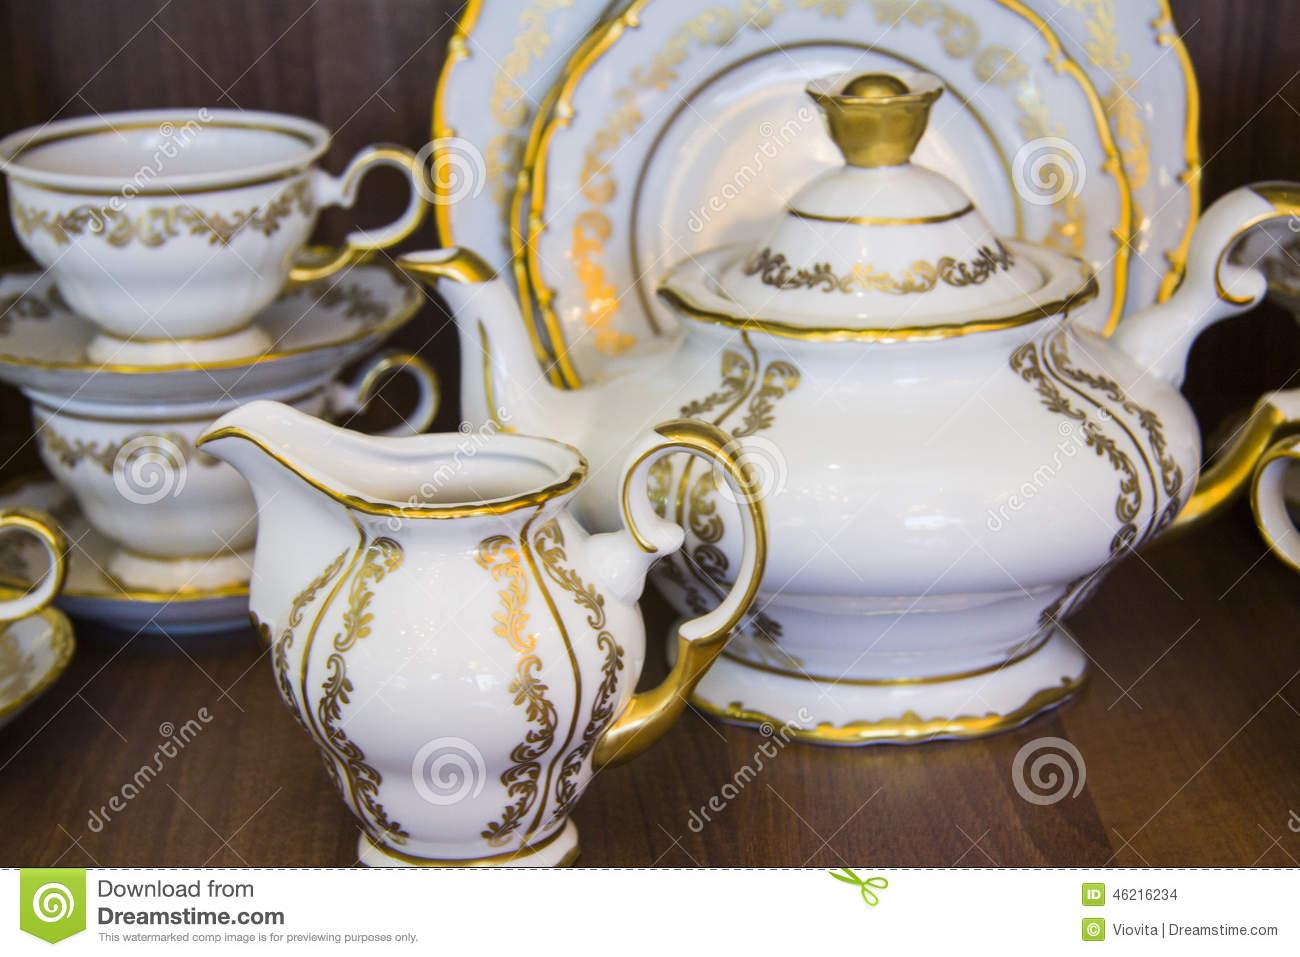 g nial vaisselle de luxe marque 7 99 mode osseuse royale vaisselle en porcelaine de th mis en. Black Bedroom Furniture Sets. Home Design Ideas